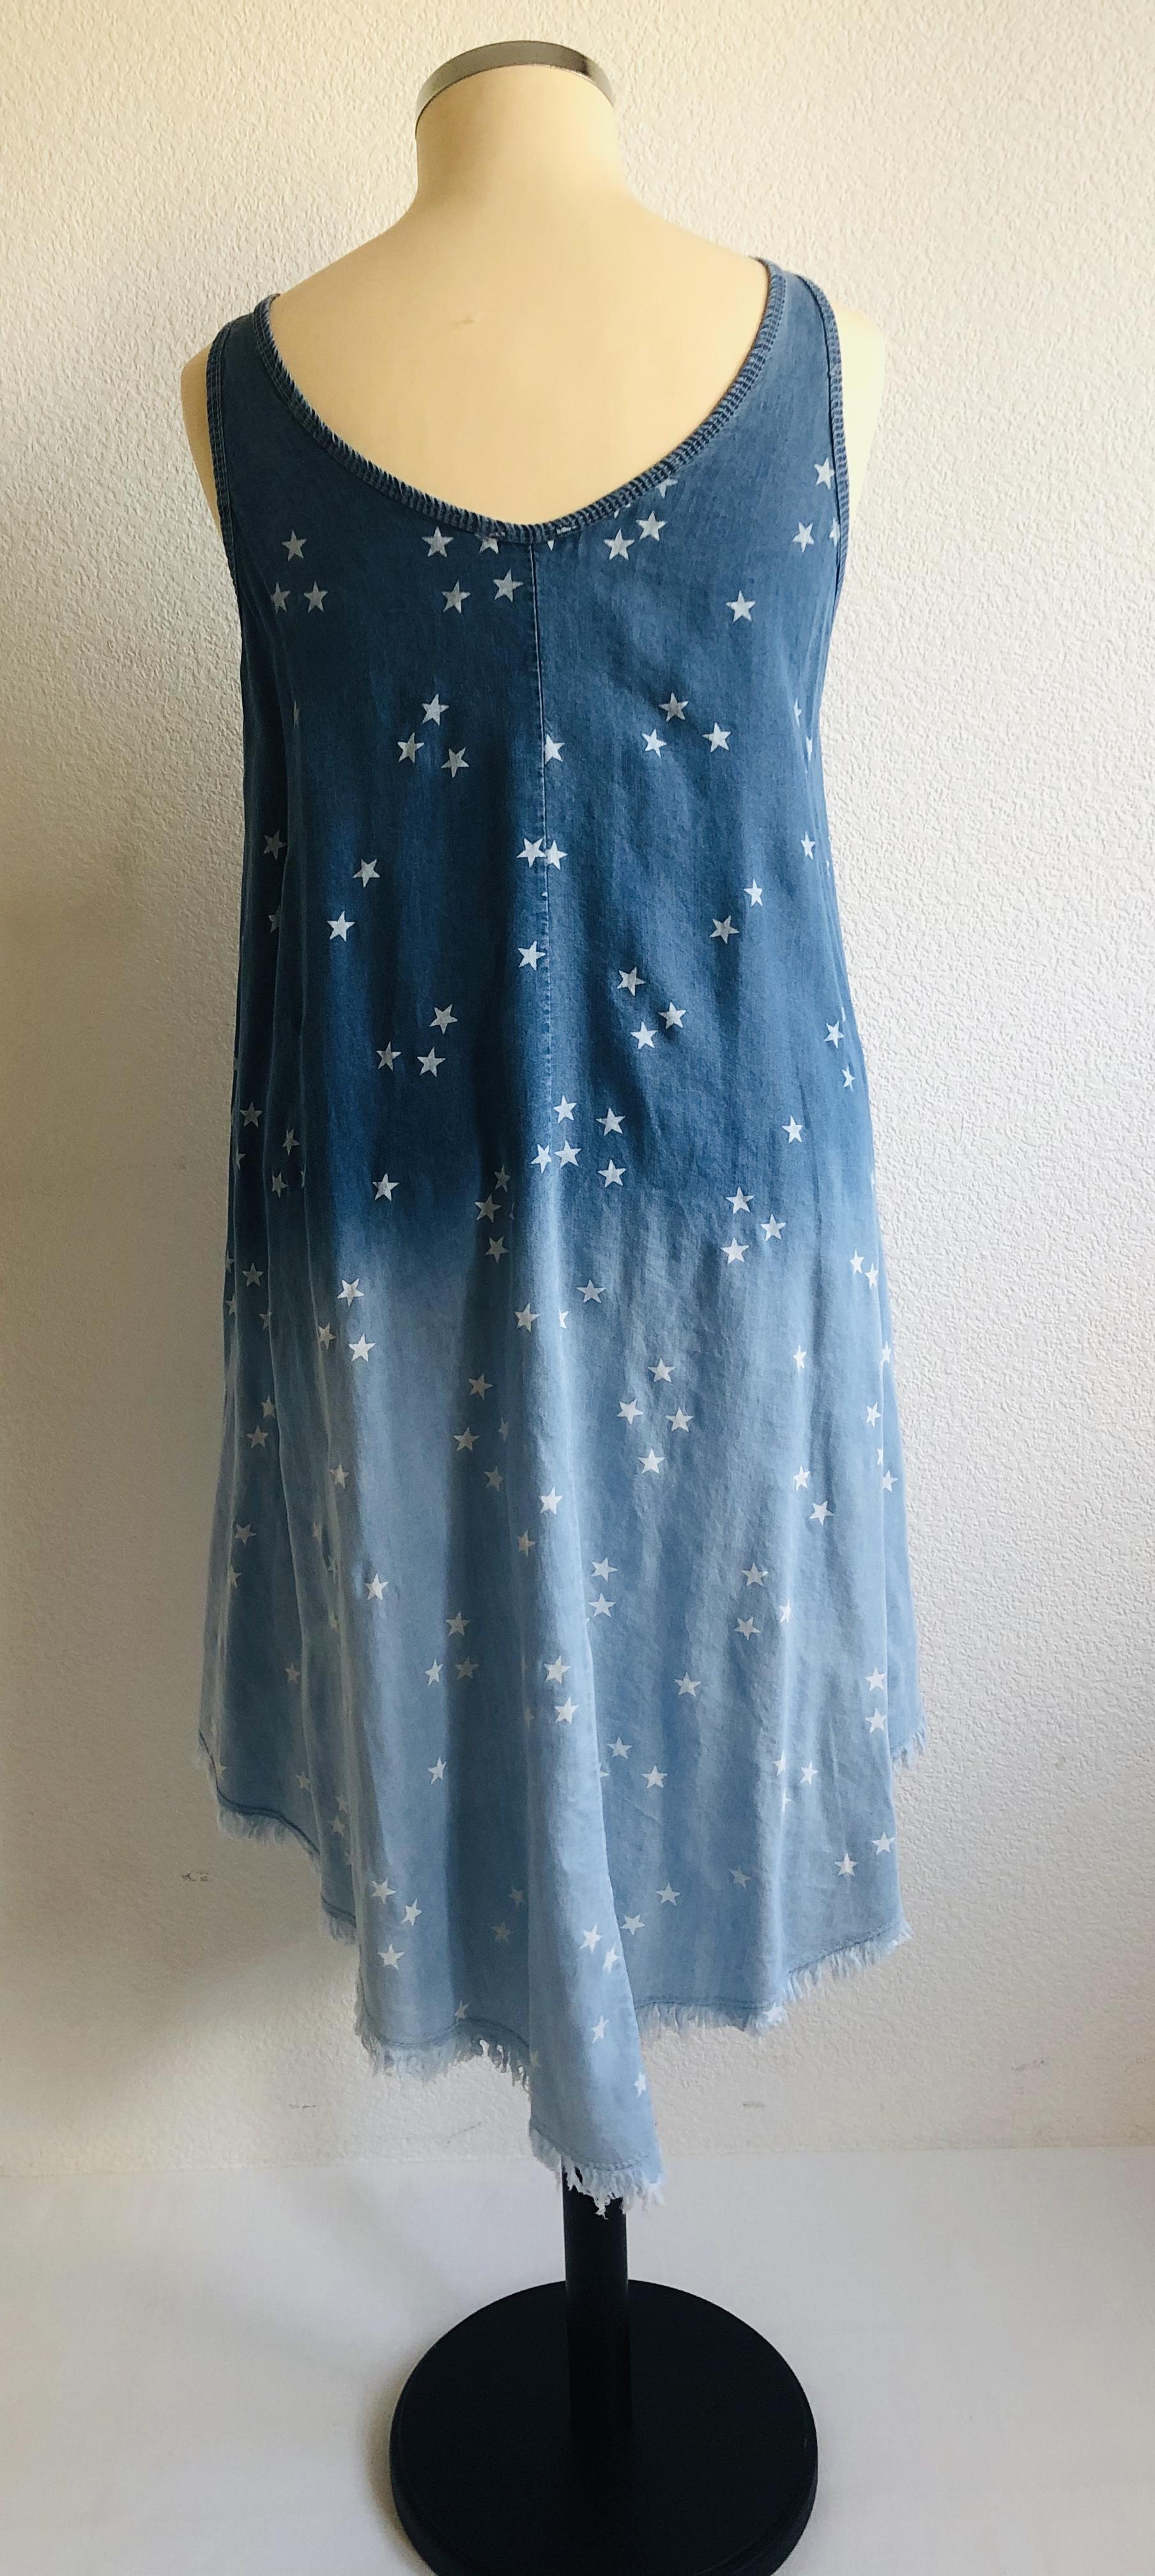 Jeanskleid mit Sternen • One Size bis Gr. 38/40 • 2 Farben